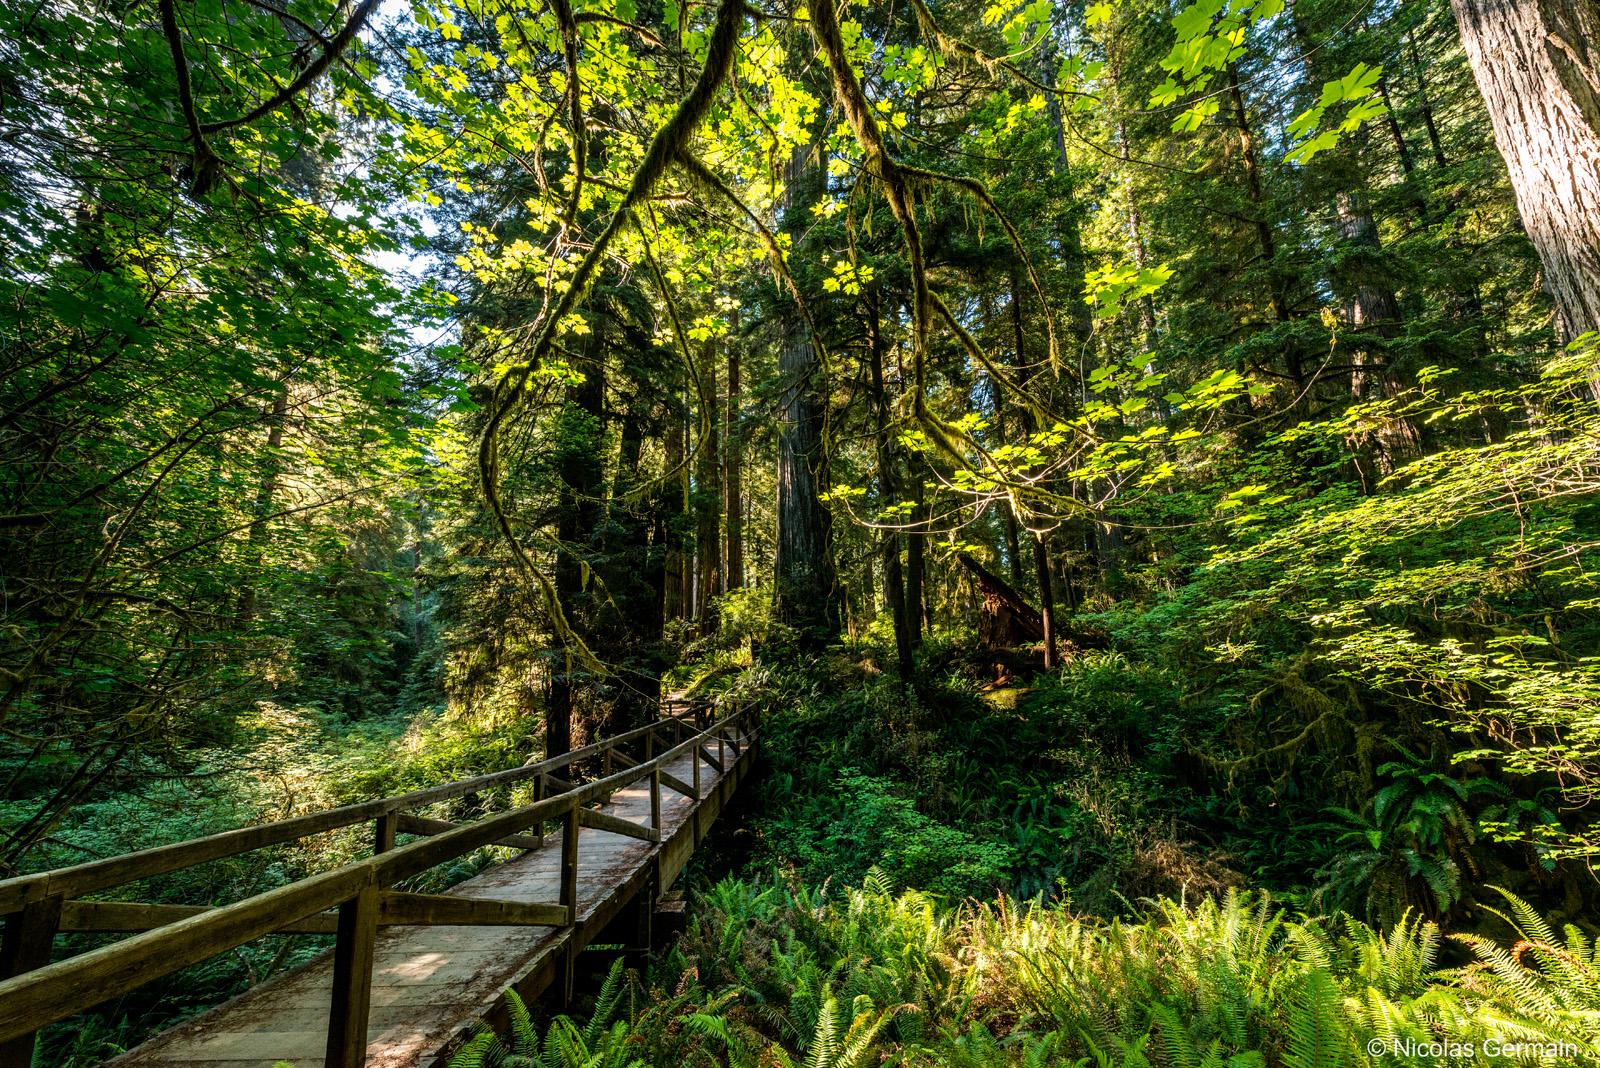 Un pont enjambe un petit ruisseau sur James Irvine Trail, Prairie Creek Redwoods State Park